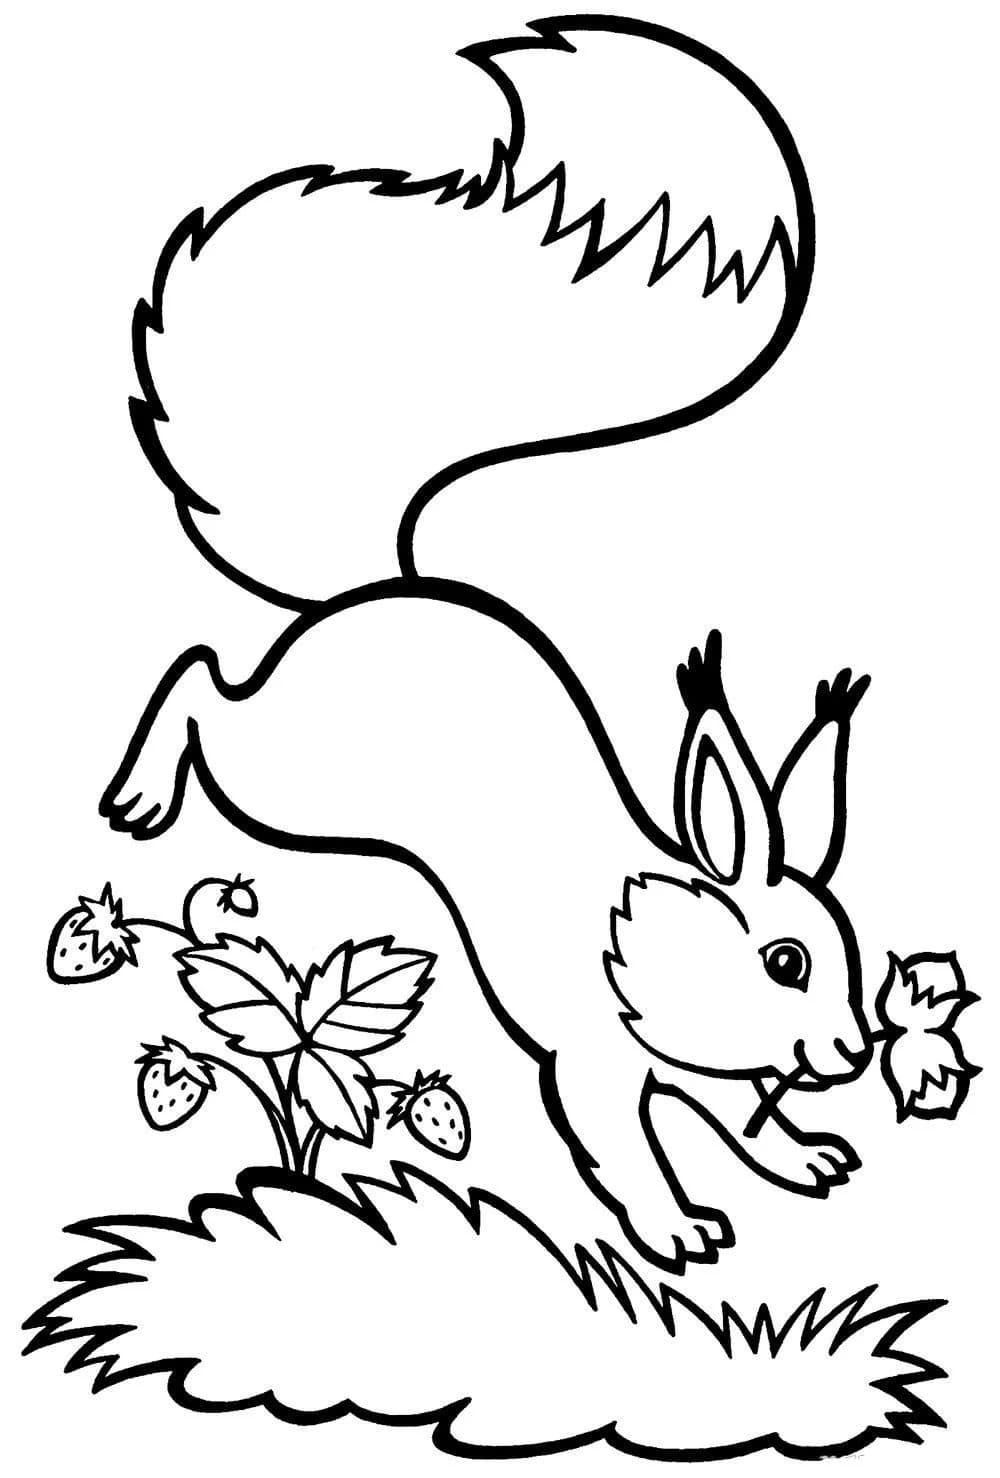 Ausmalbilder Eichhörnchen. 8 Bilder zum kostenlosen Drucken